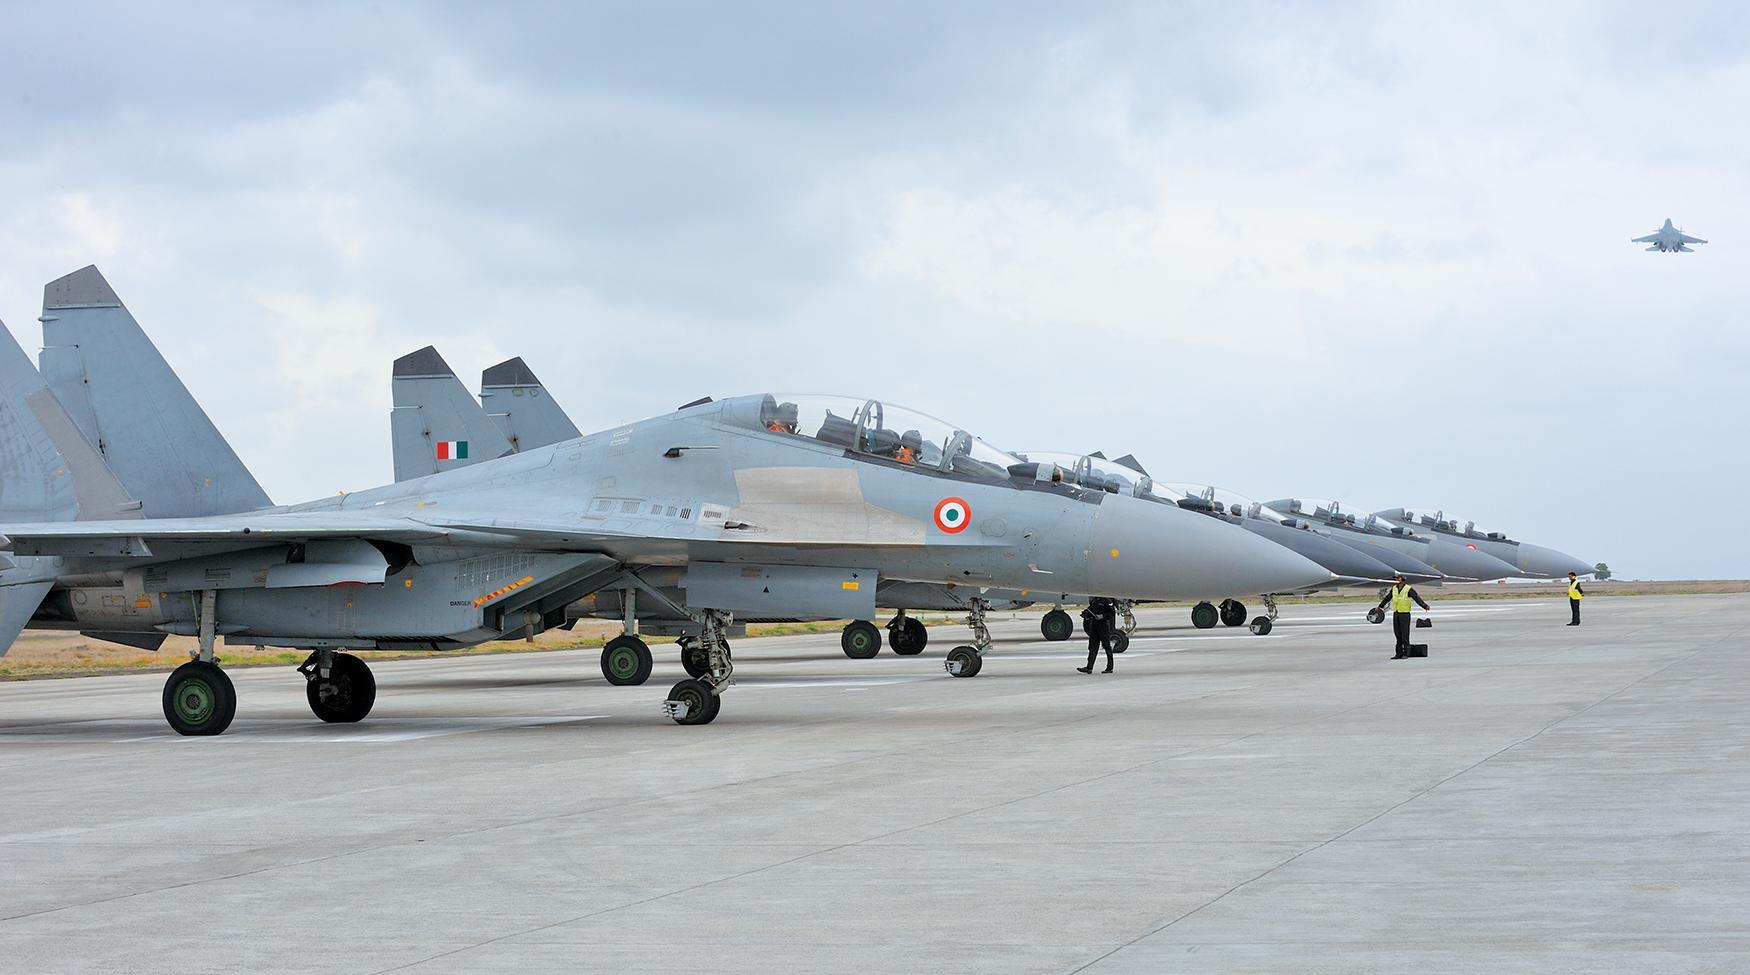 Wallpaper : Indian Air Force, Sukhoi Su 30MKI, Aircraft